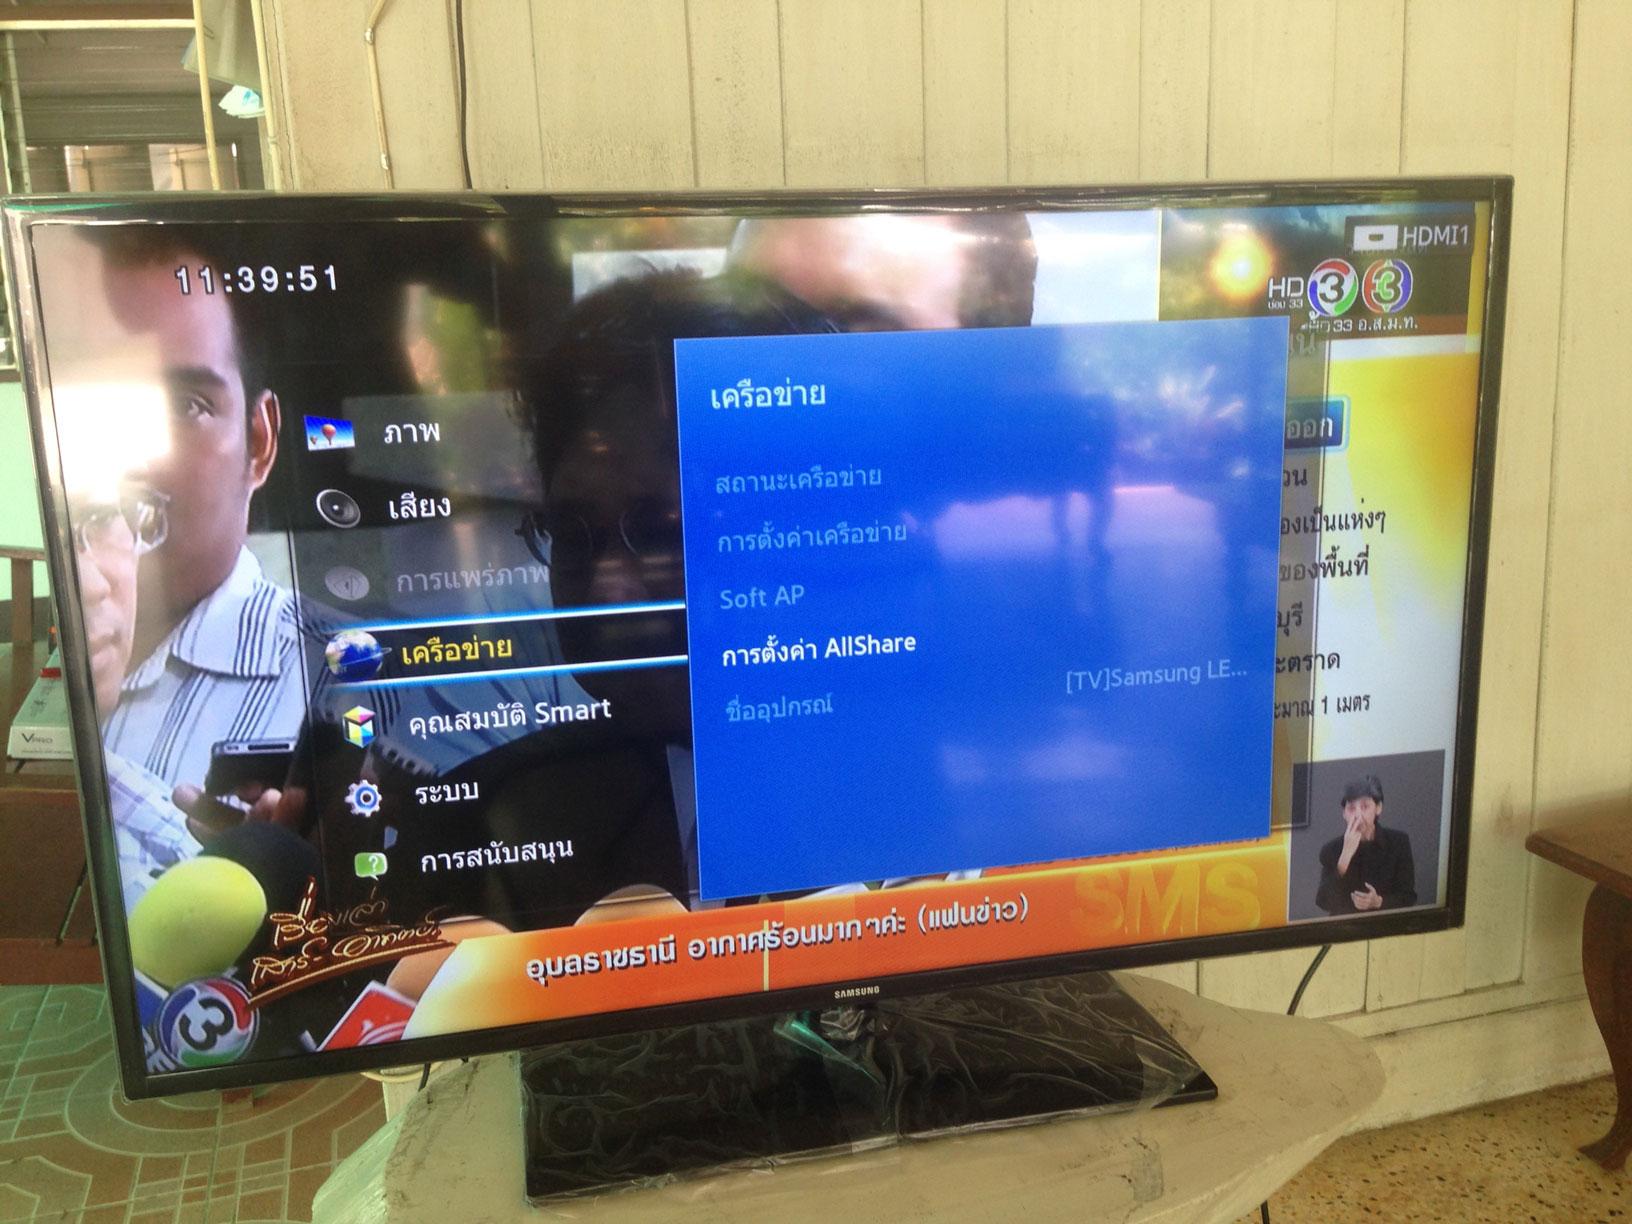 ฟังก์ชั่นการตั้งค่าของ Samsung Smart TV 46'' ไม่สามารถตั้งค่าได้